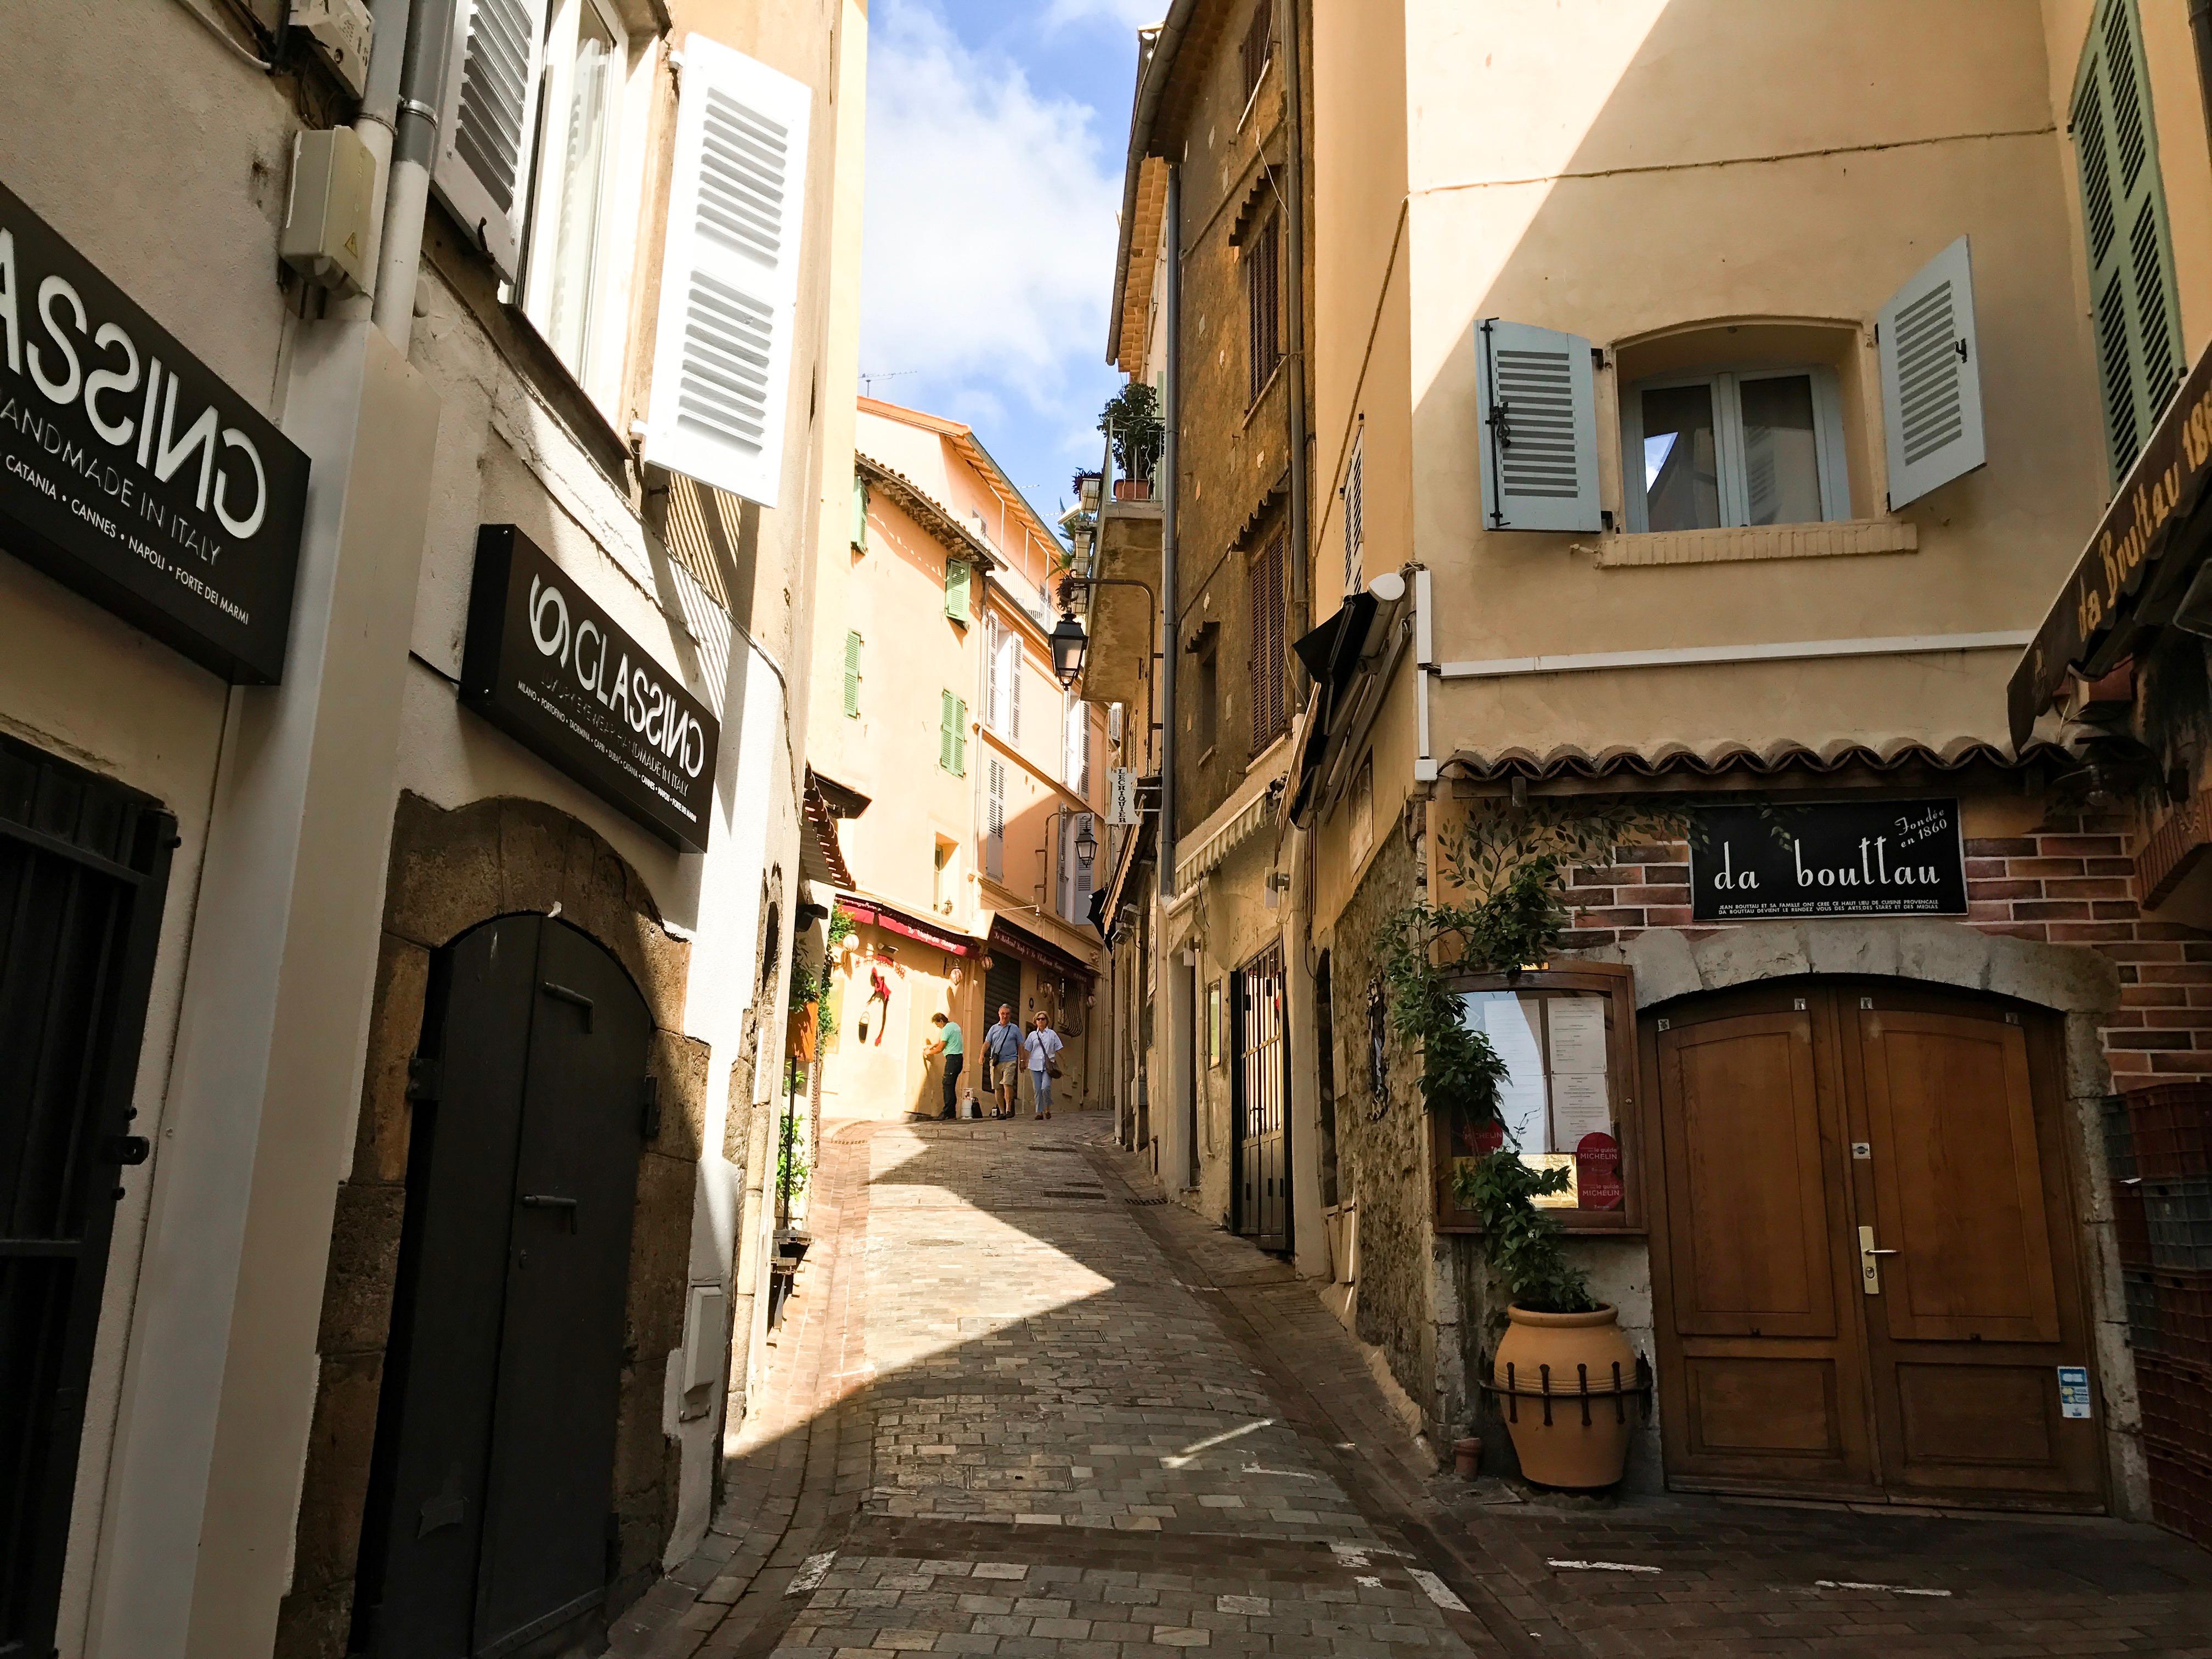 Het oude en leukste gedeelte van de stad